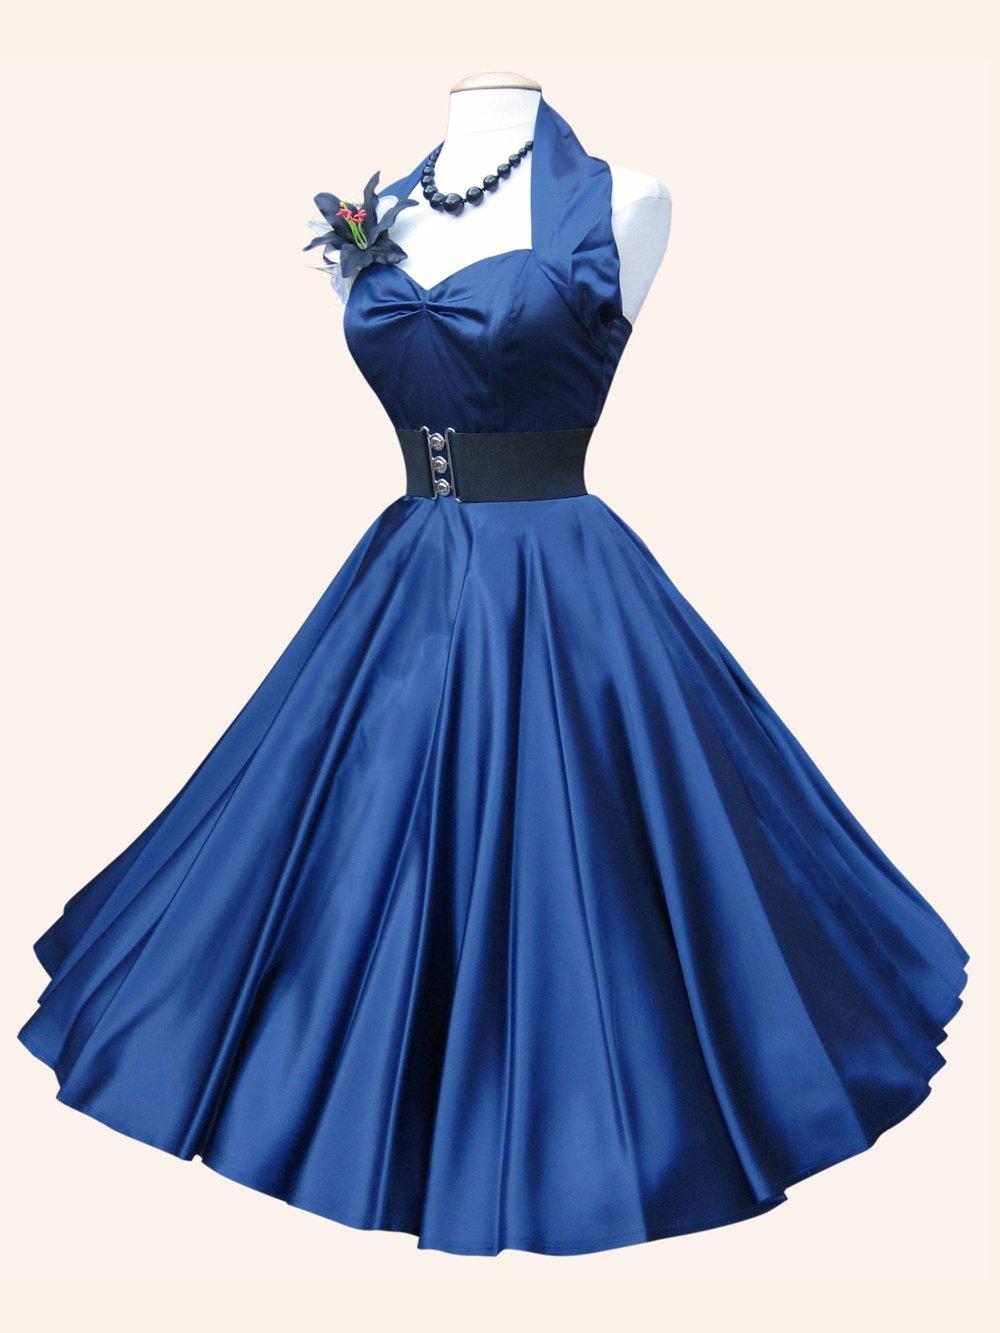 1950s Halterneck Navy Satin Dress From Vivien Of Holloway